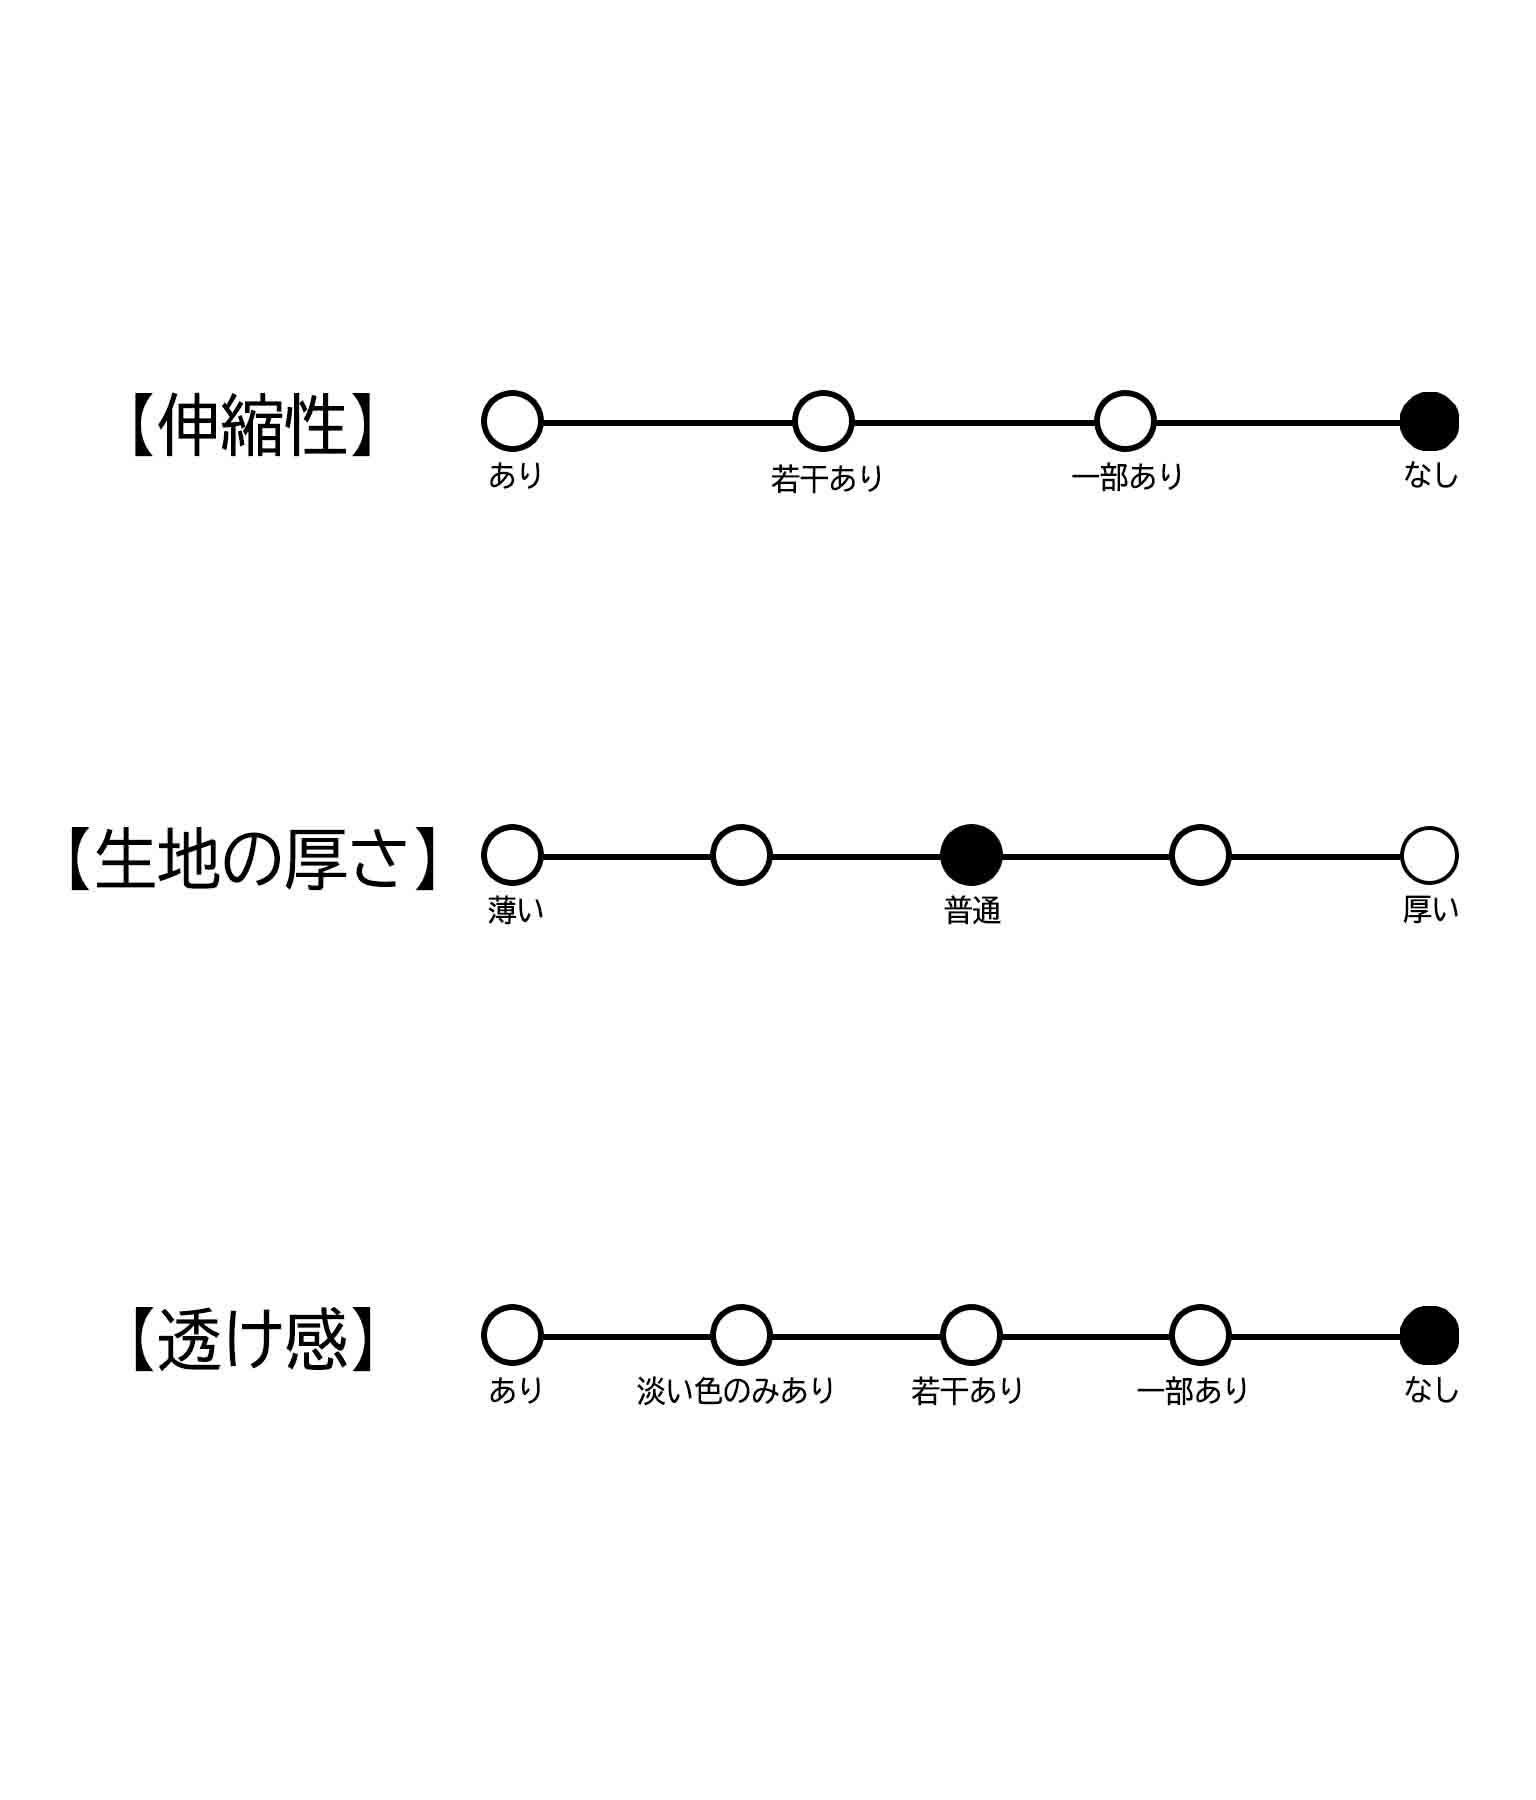 タック入りシンプルストレートパンツ(ボトムス・パンツ /ロングパンツ) | CHILLE